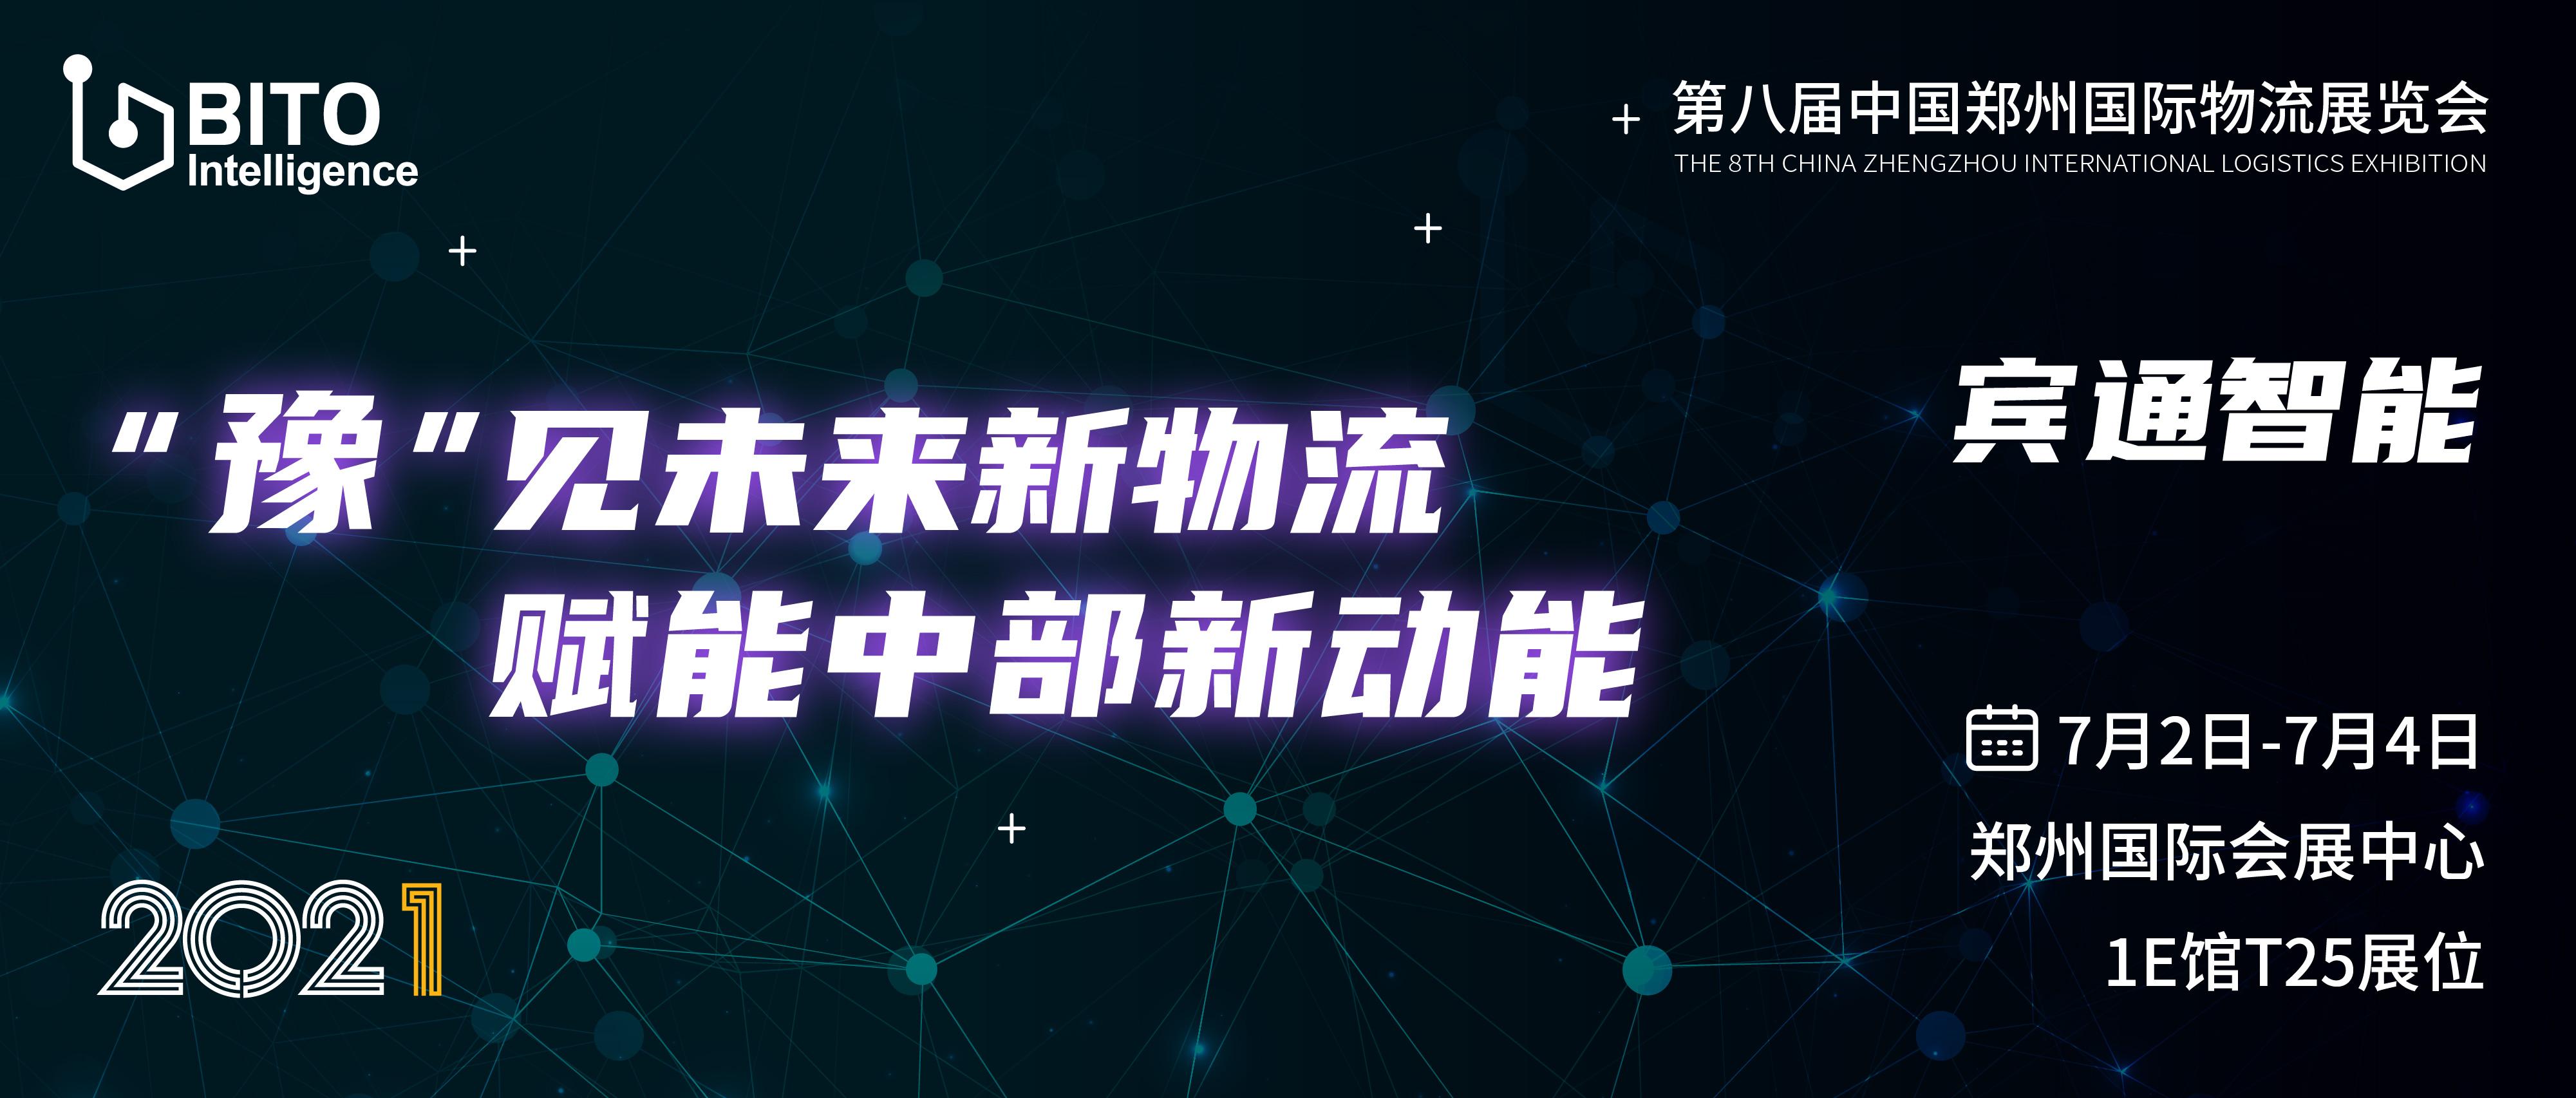 展会预告 | 宾通智能首次出征2021中国郑州国际物流展览会